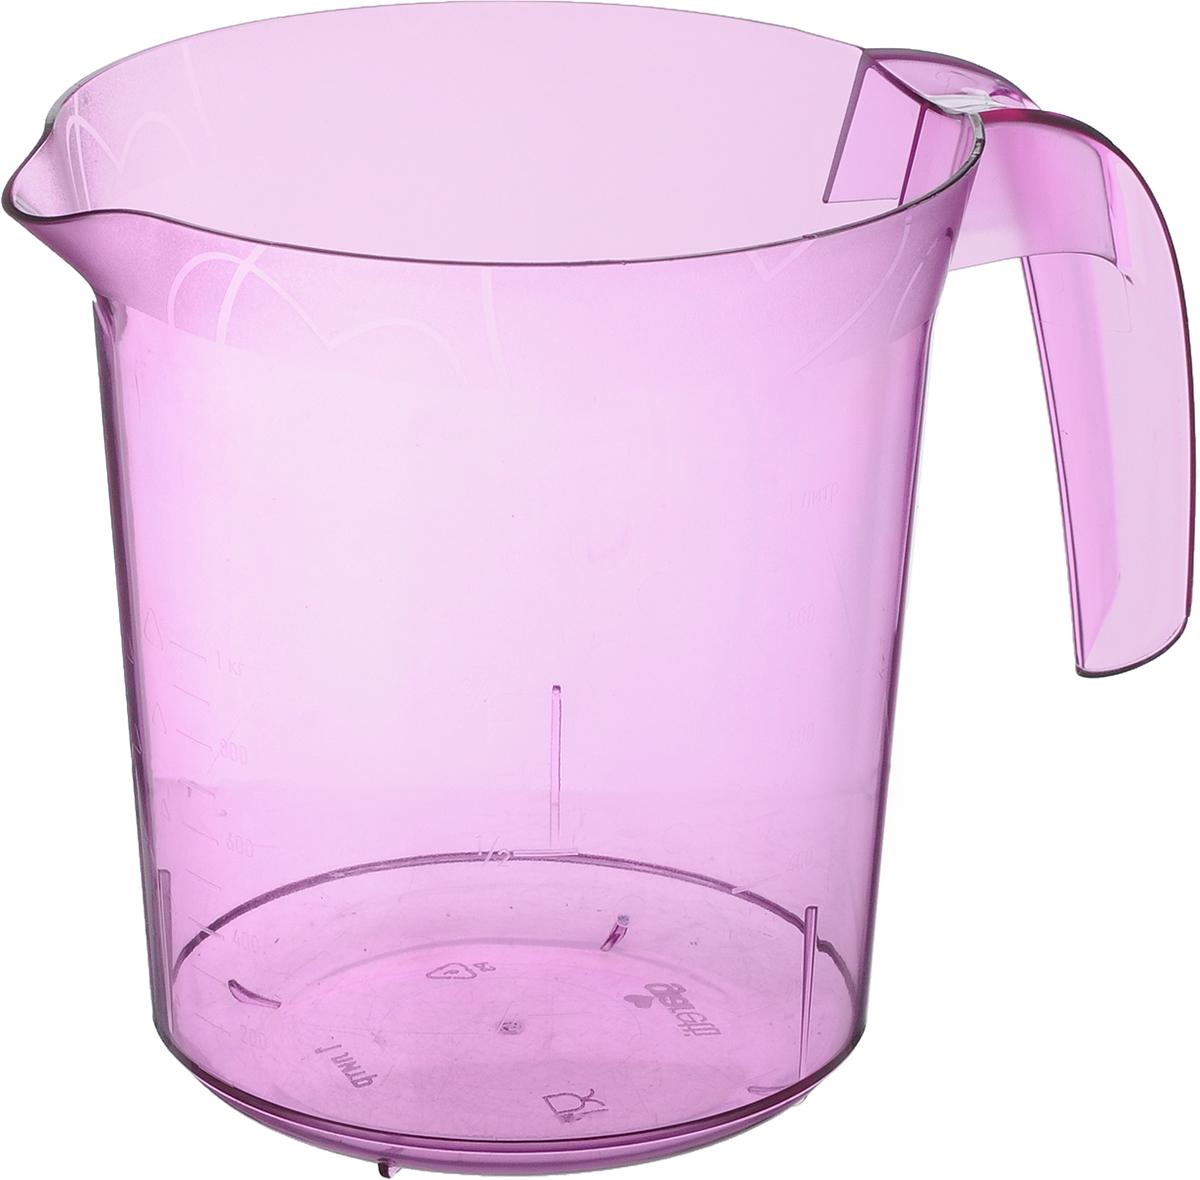 Стакан мерный Giaretti, цвет: сиреневый, 1 лGR3056_сиреневыйМерный прозрачный стакан Giaretti выполнен из полистирола. Стакан оснащен удобной ручкой и носиком, которые делают изделие еще более простым в использовании. Он позволяет мерить жидкости до 1 л. Удобная форма стакана позволяет как отмерить необходимое количество продукта, так и взбить/замесить его непосредственно прямо в этой же емкости.Такой стаканчик пригодится каждой хозяйке на кухне, ведь зачастую приготовление некоторых блюд требует известной точности.Можно мыть в посудомоечной машине.Объем: 1 л.Диаметр (по верхнему краю): 13,5 см.Высота: 15 см.